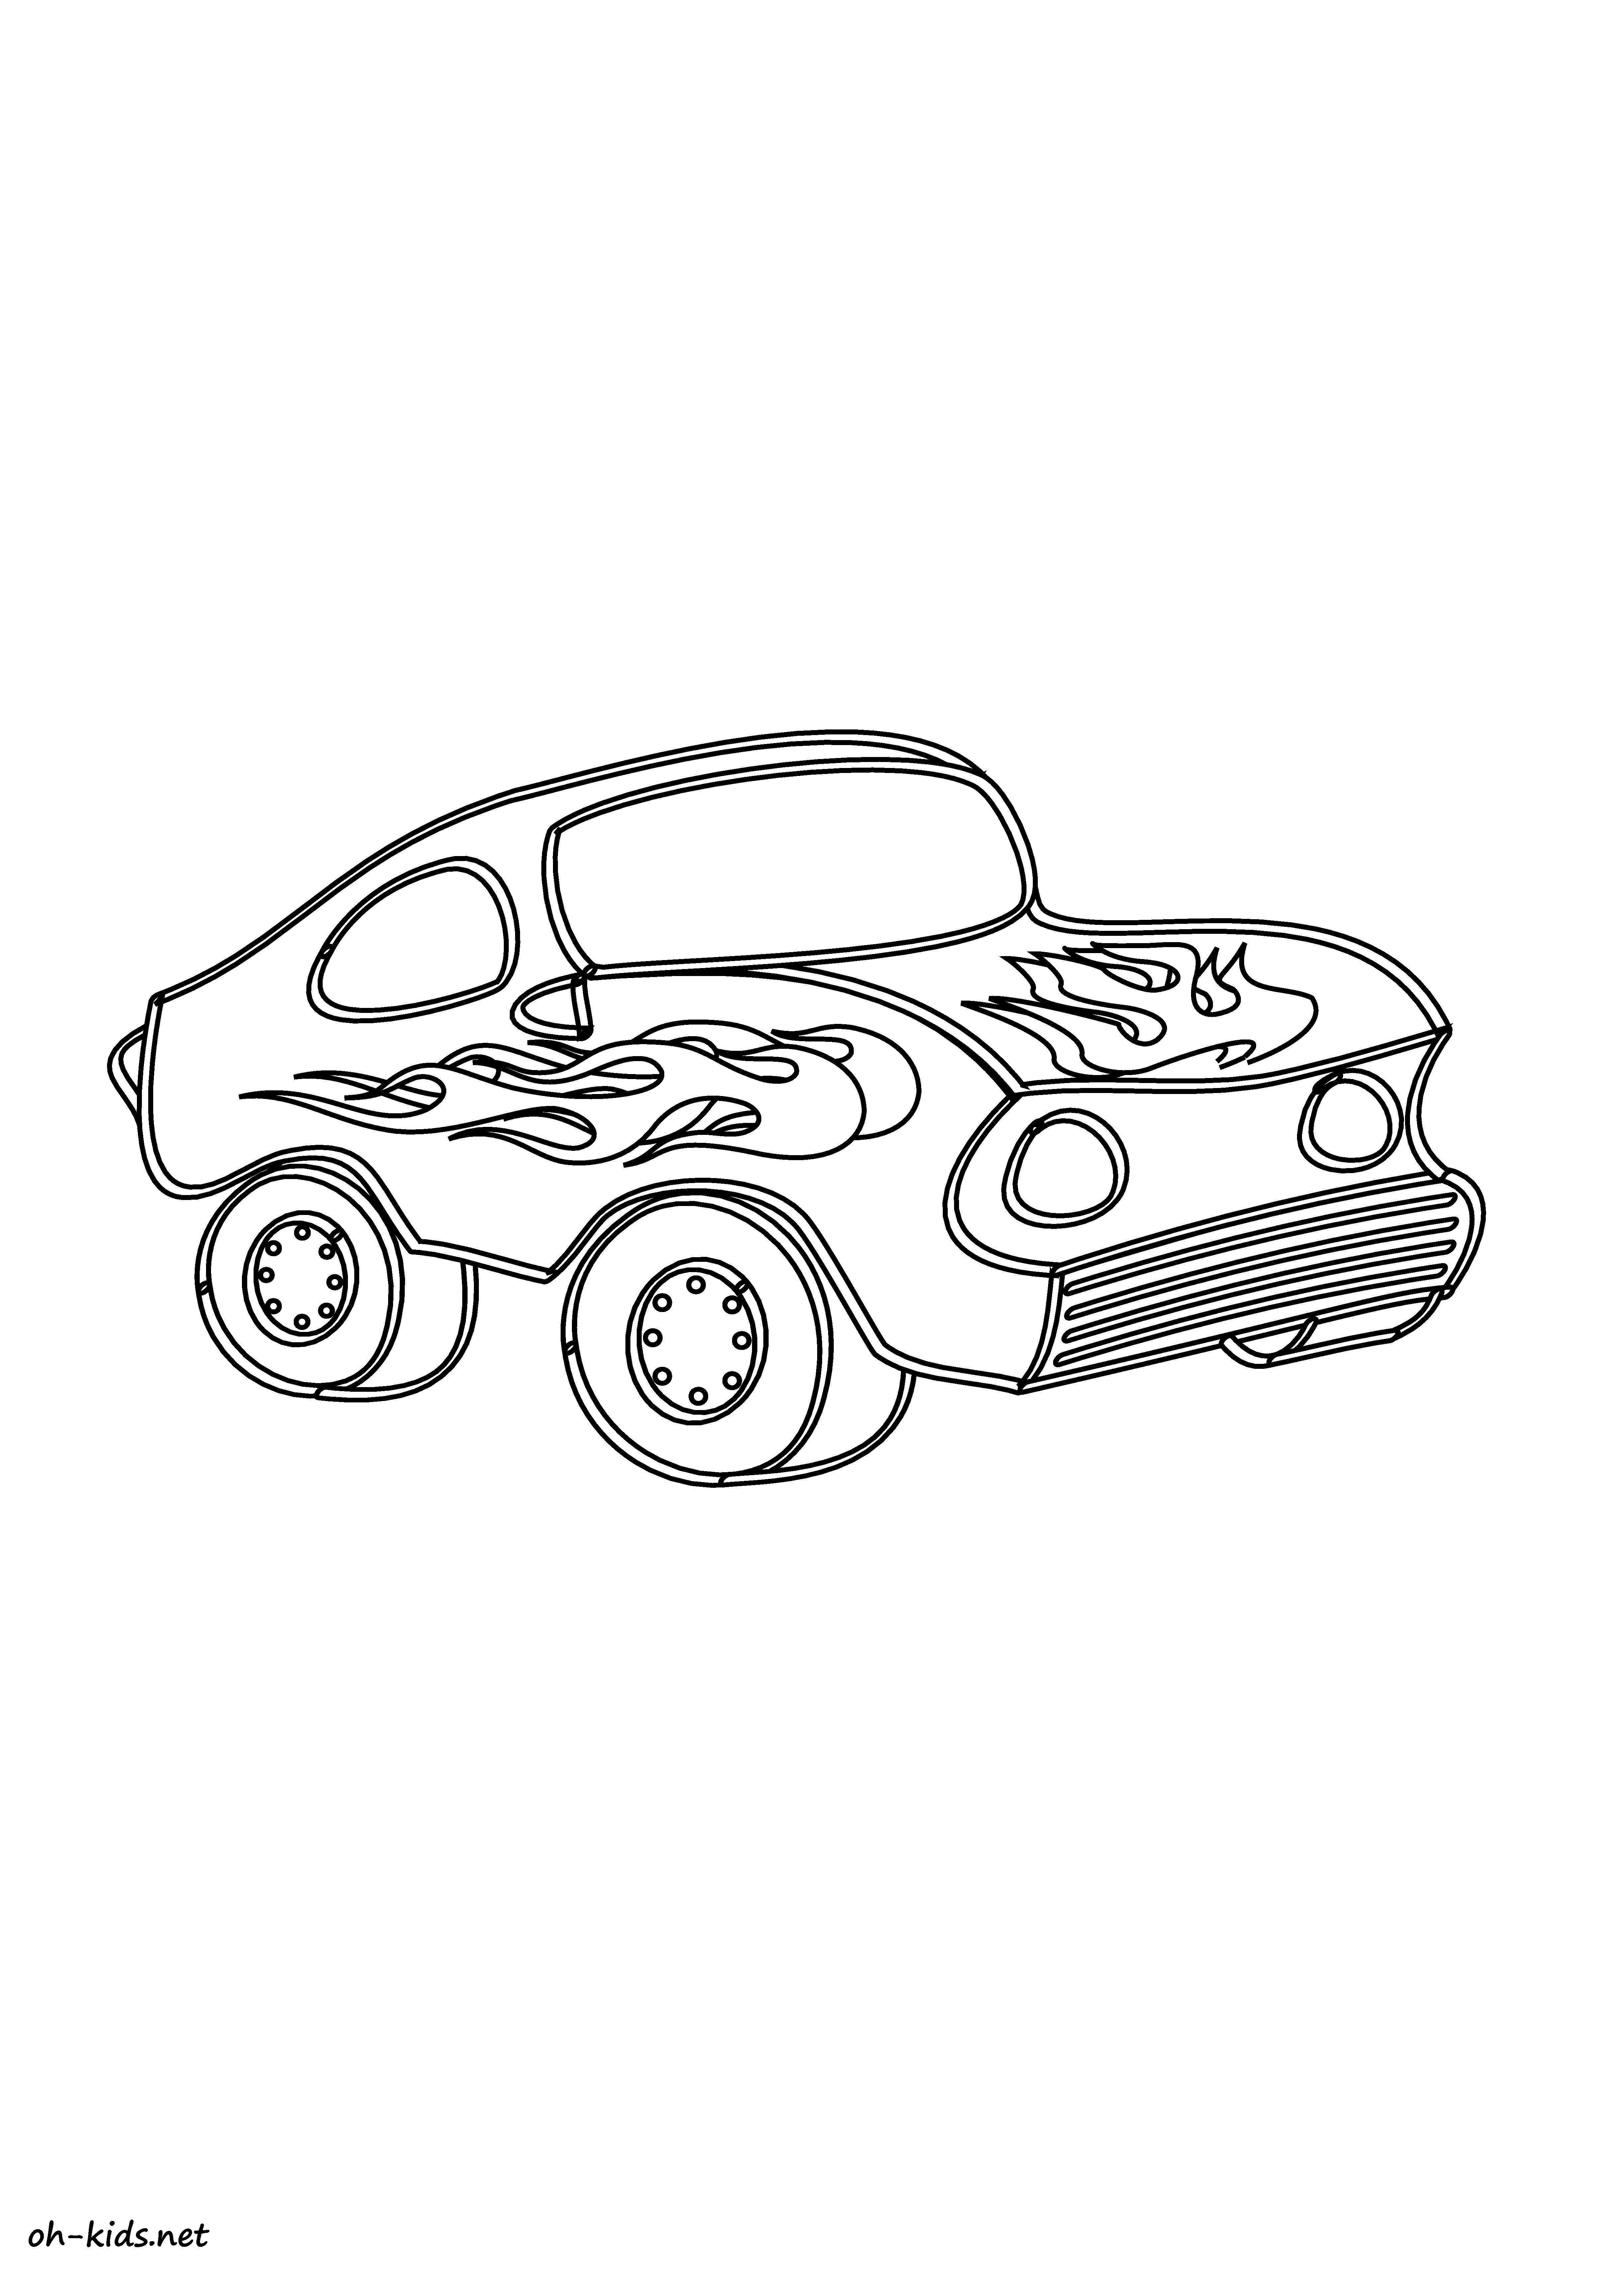 Élégant Coloriage Voiture De Course Cars 2 | Imprimer et ...